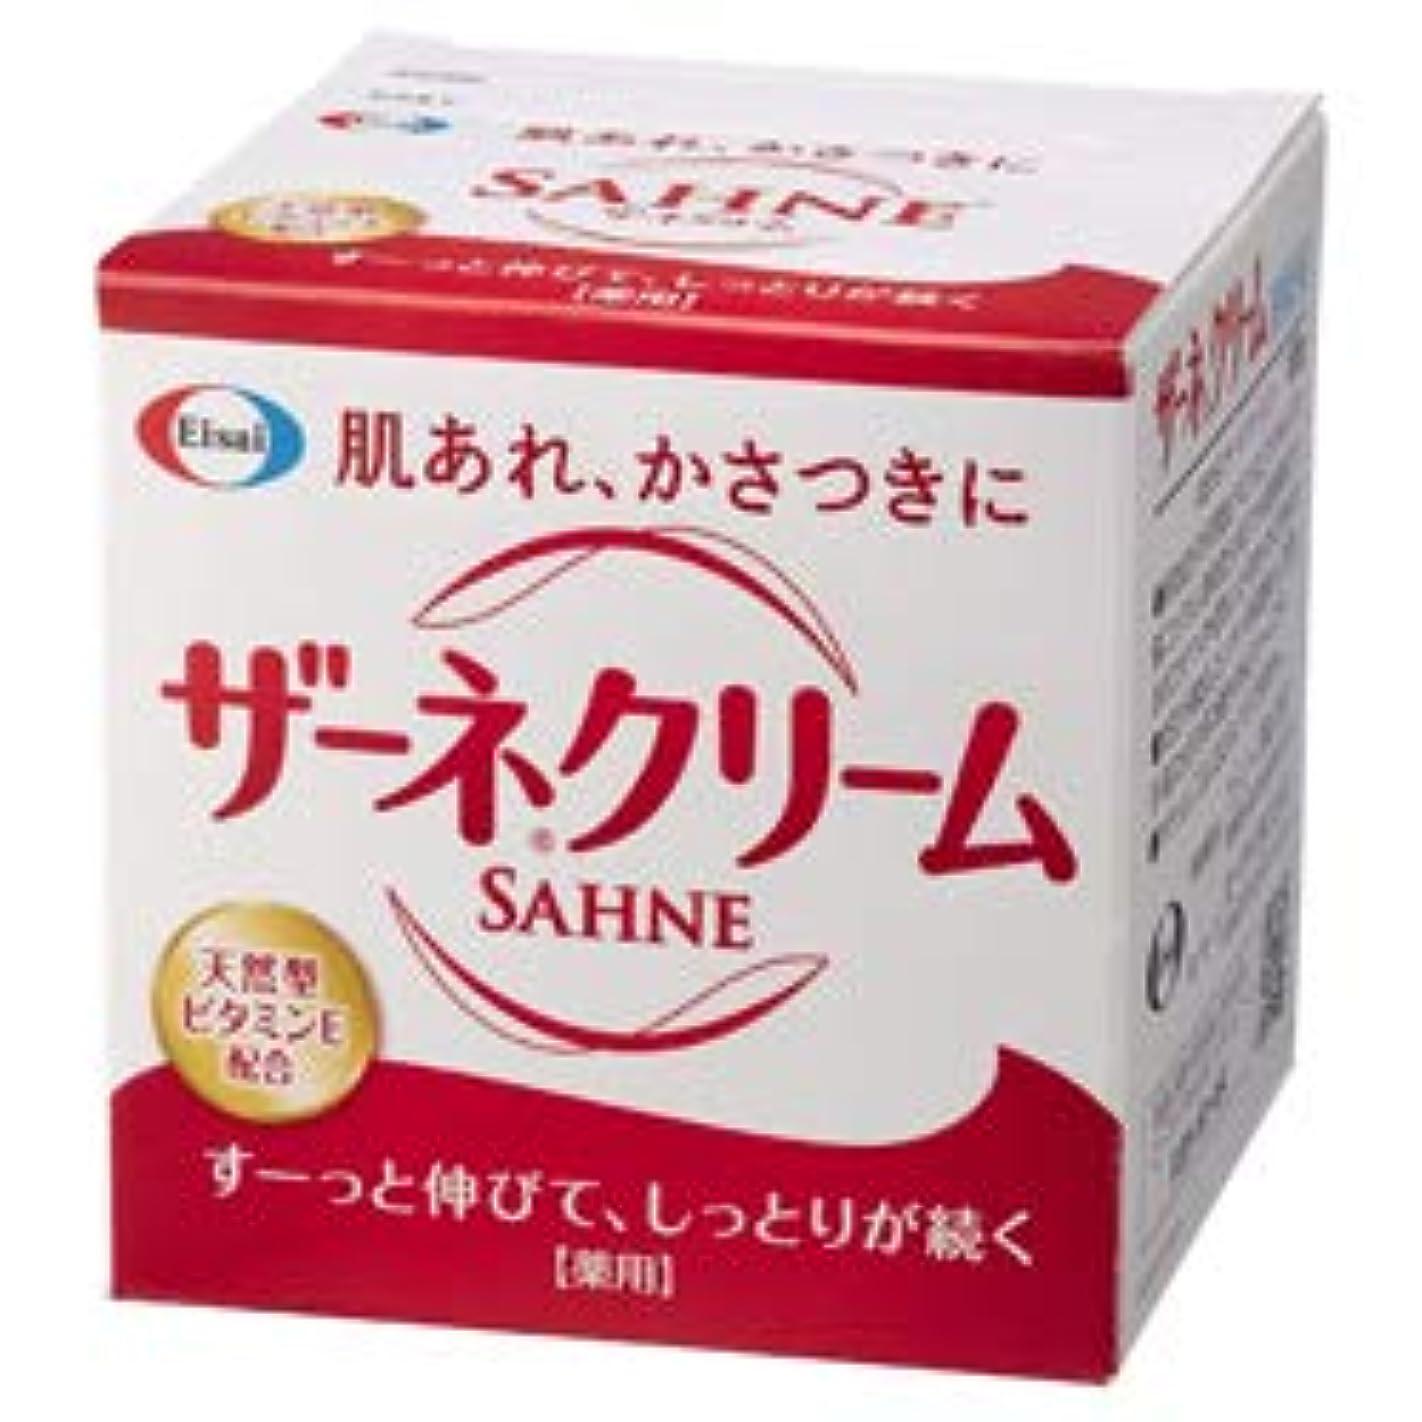 推進遺棄された規制【エーザイ】ザーネクリーム 100g(医薬部外品) ×2個セット